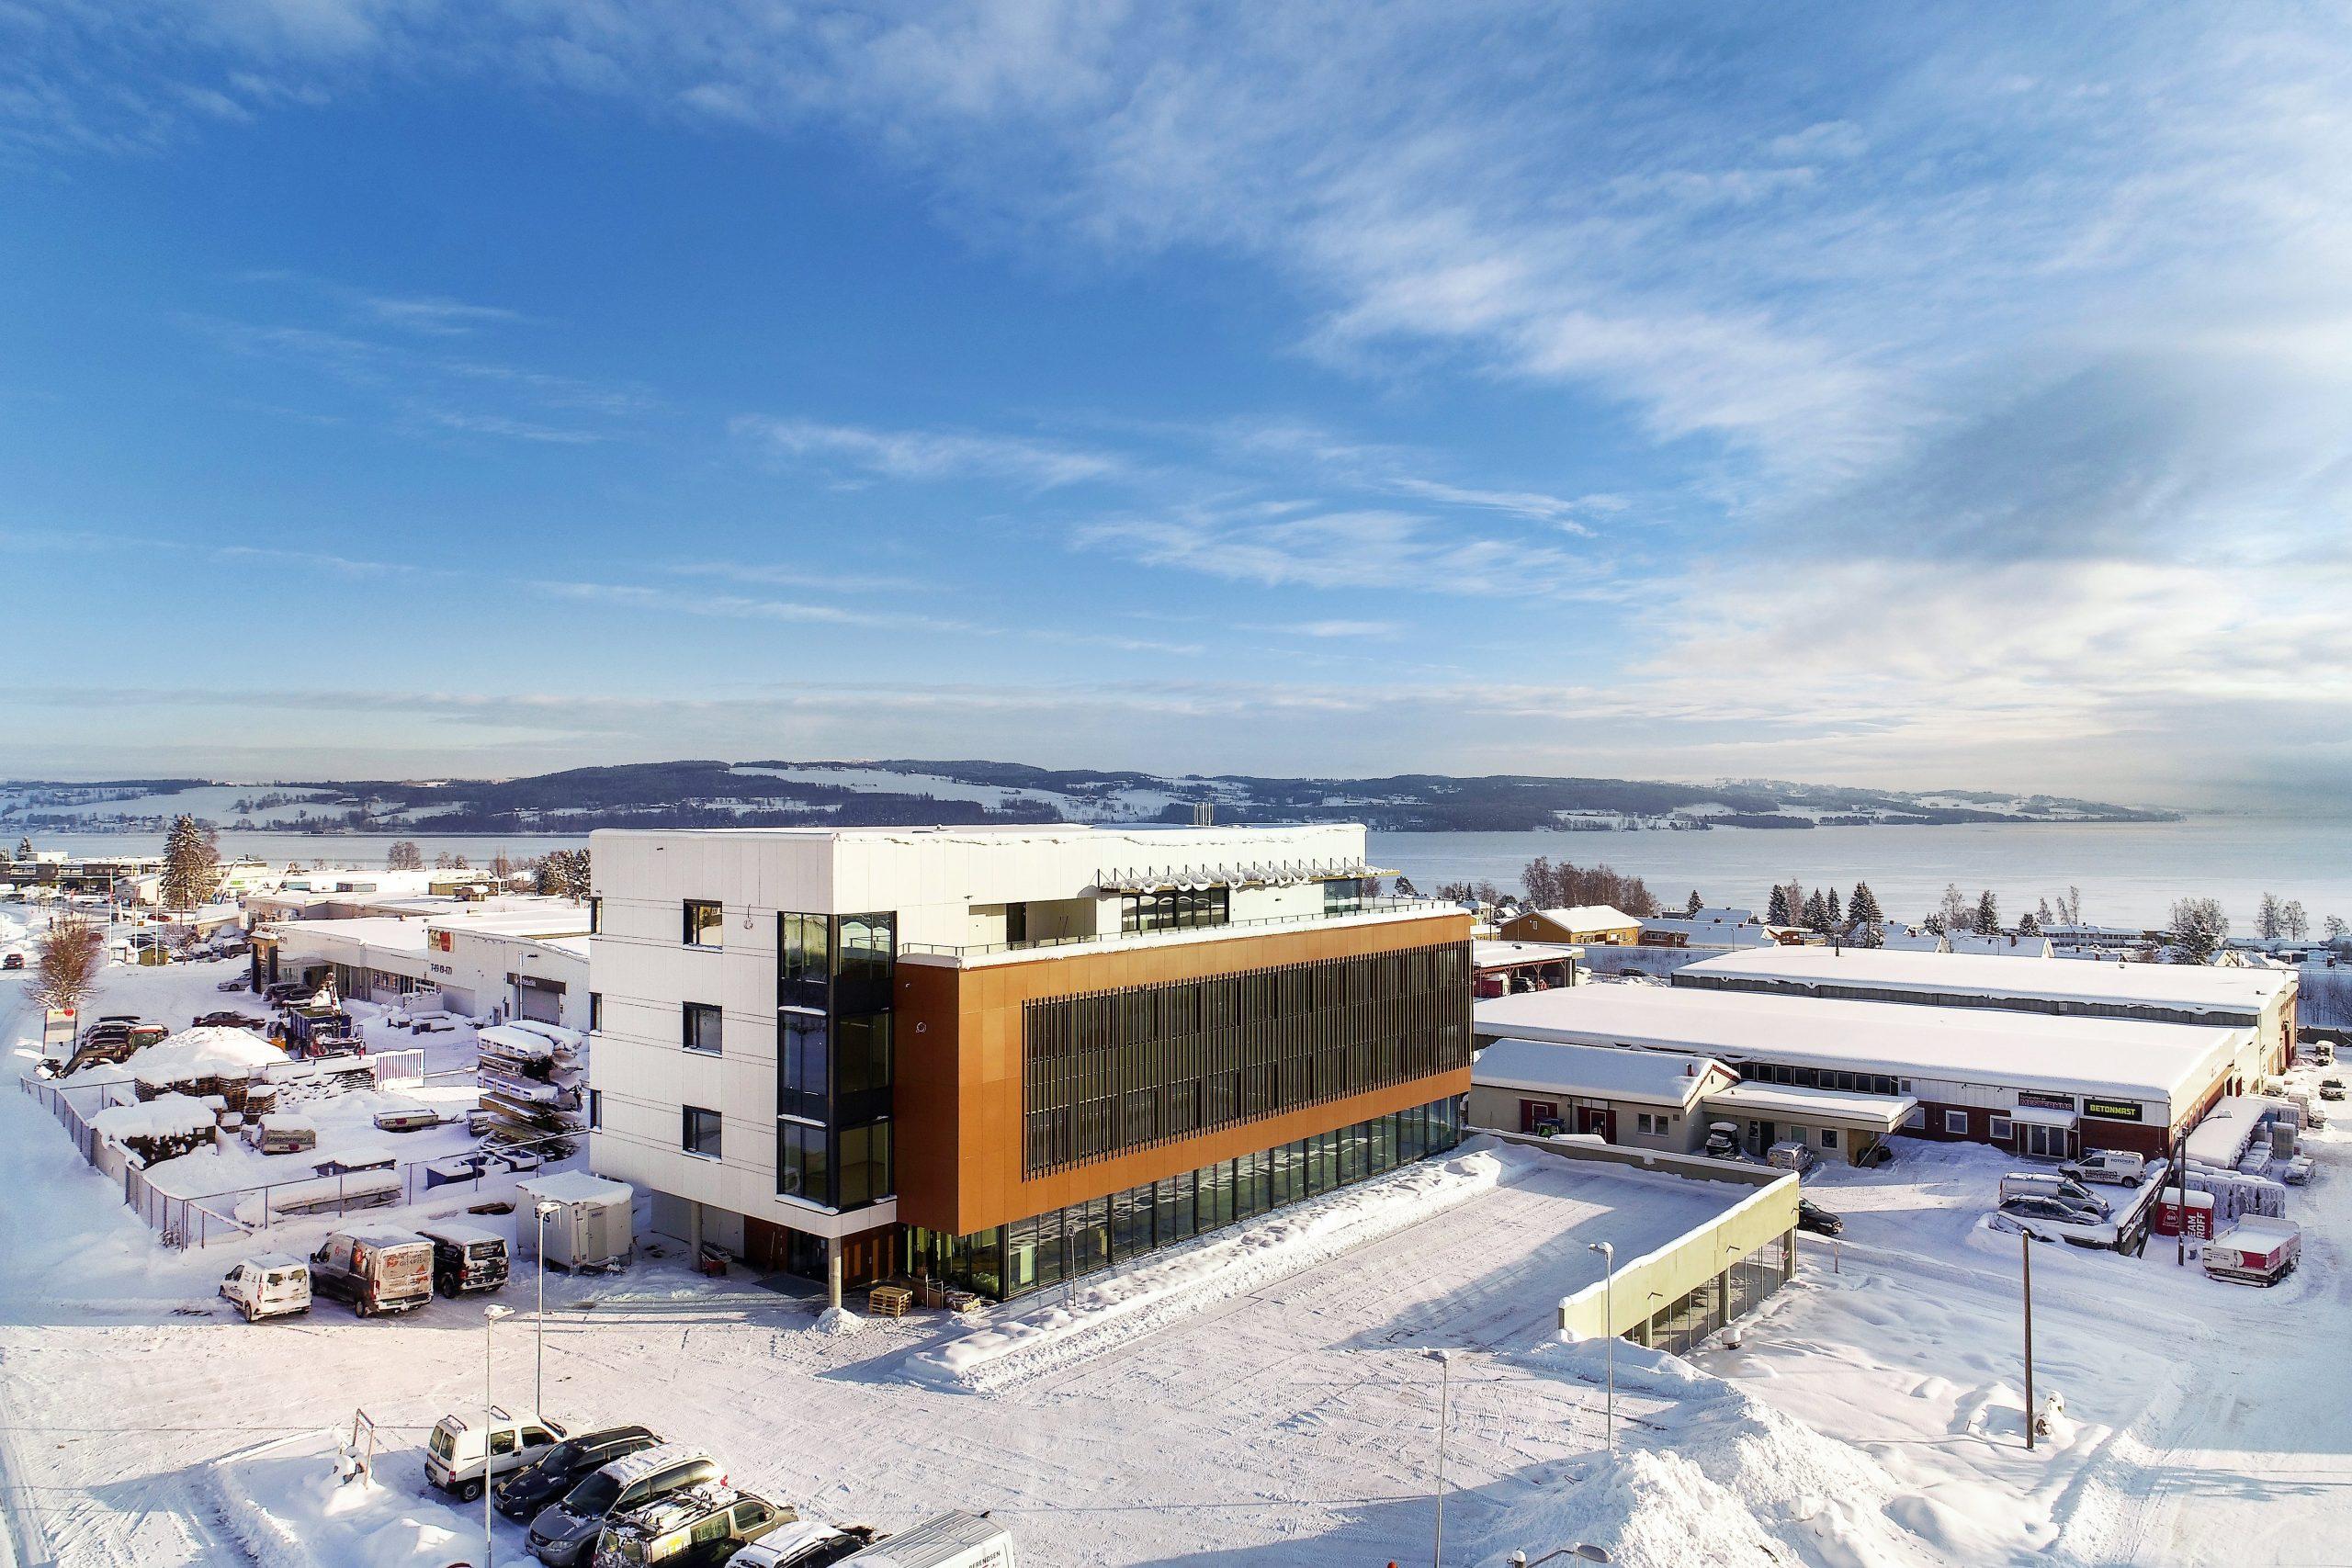 Foto av kontorbygg med en hvit del og en mørkere del, vinterlandskap med Mjøsa i bakgrunnen